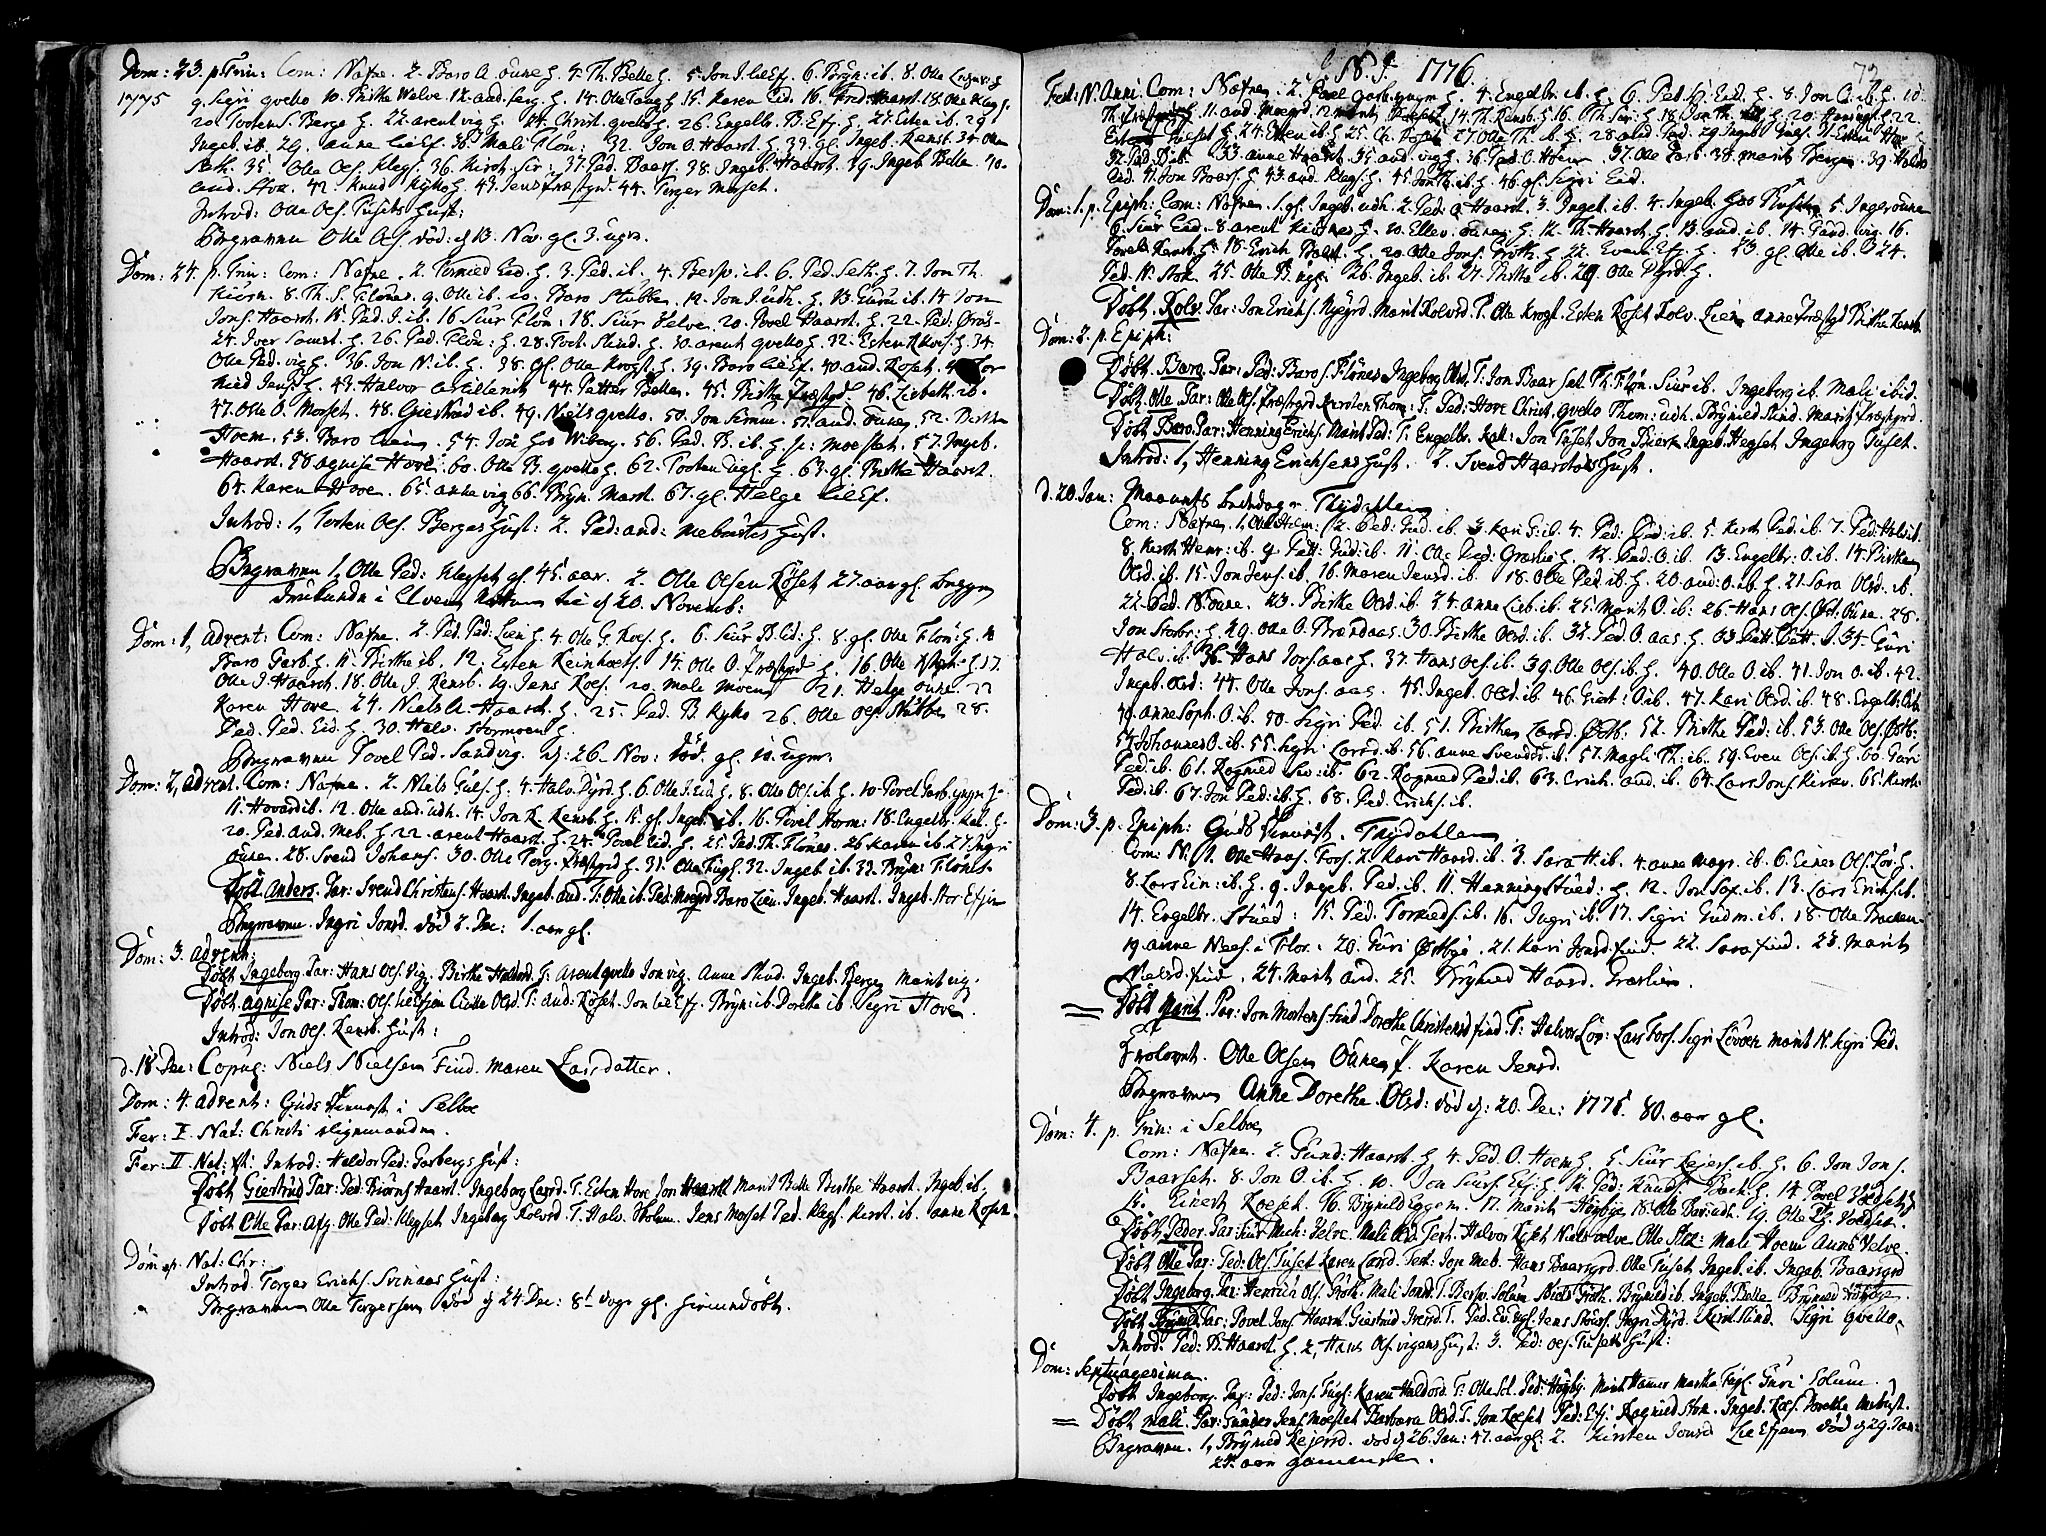 SAT, Ministerialprotokoller, klokkerbøker og fødselsregistre - Sør-Trøndelag, 695/L1138: Ministerialbok nr. 695A02 /1, 1757-1801, s. 72